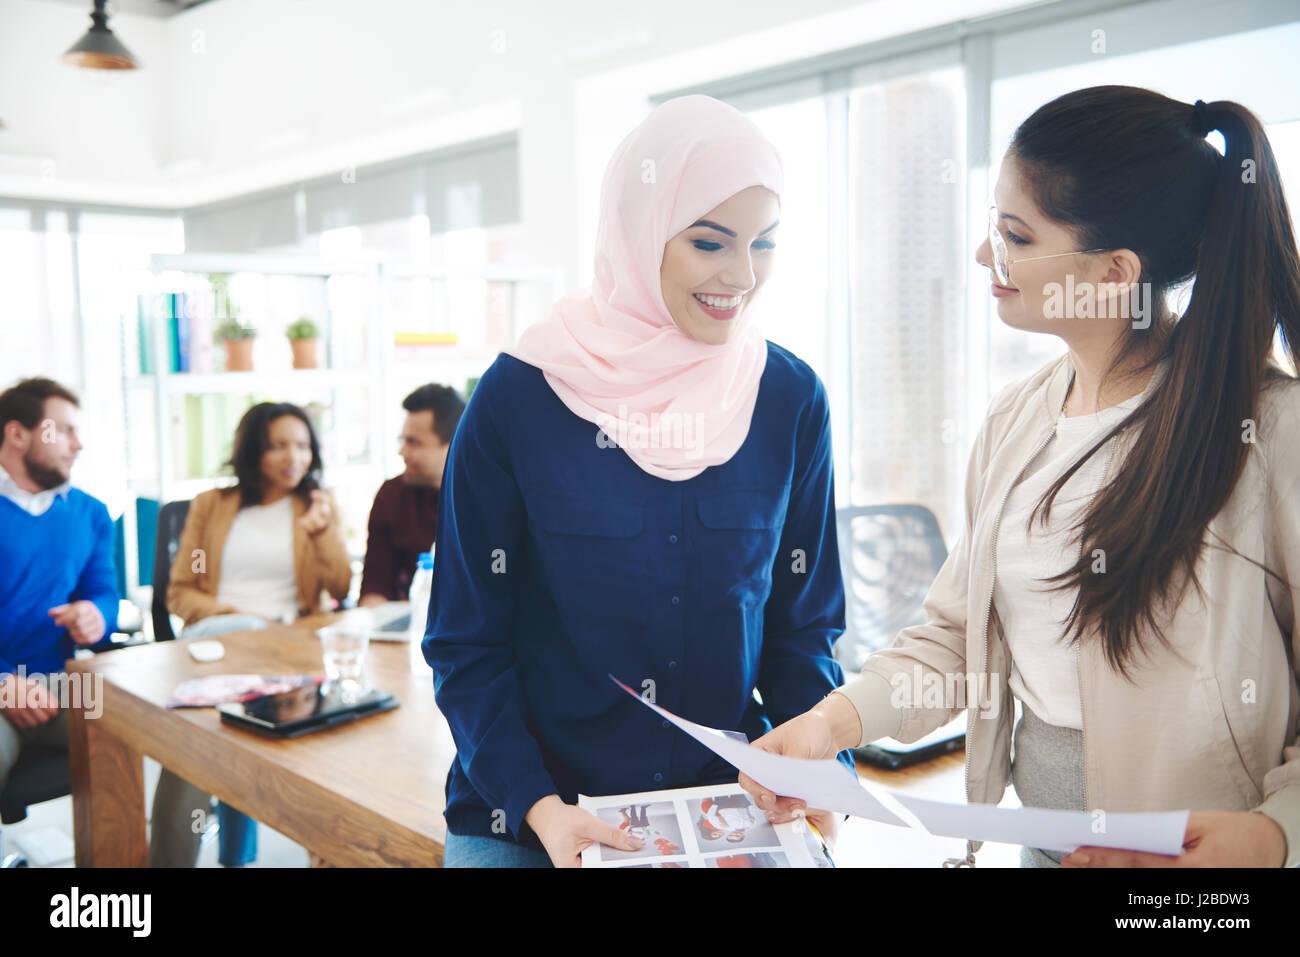 Les femmes asiatiques avec des musulmans sur réunion d'affaires Photo Stock